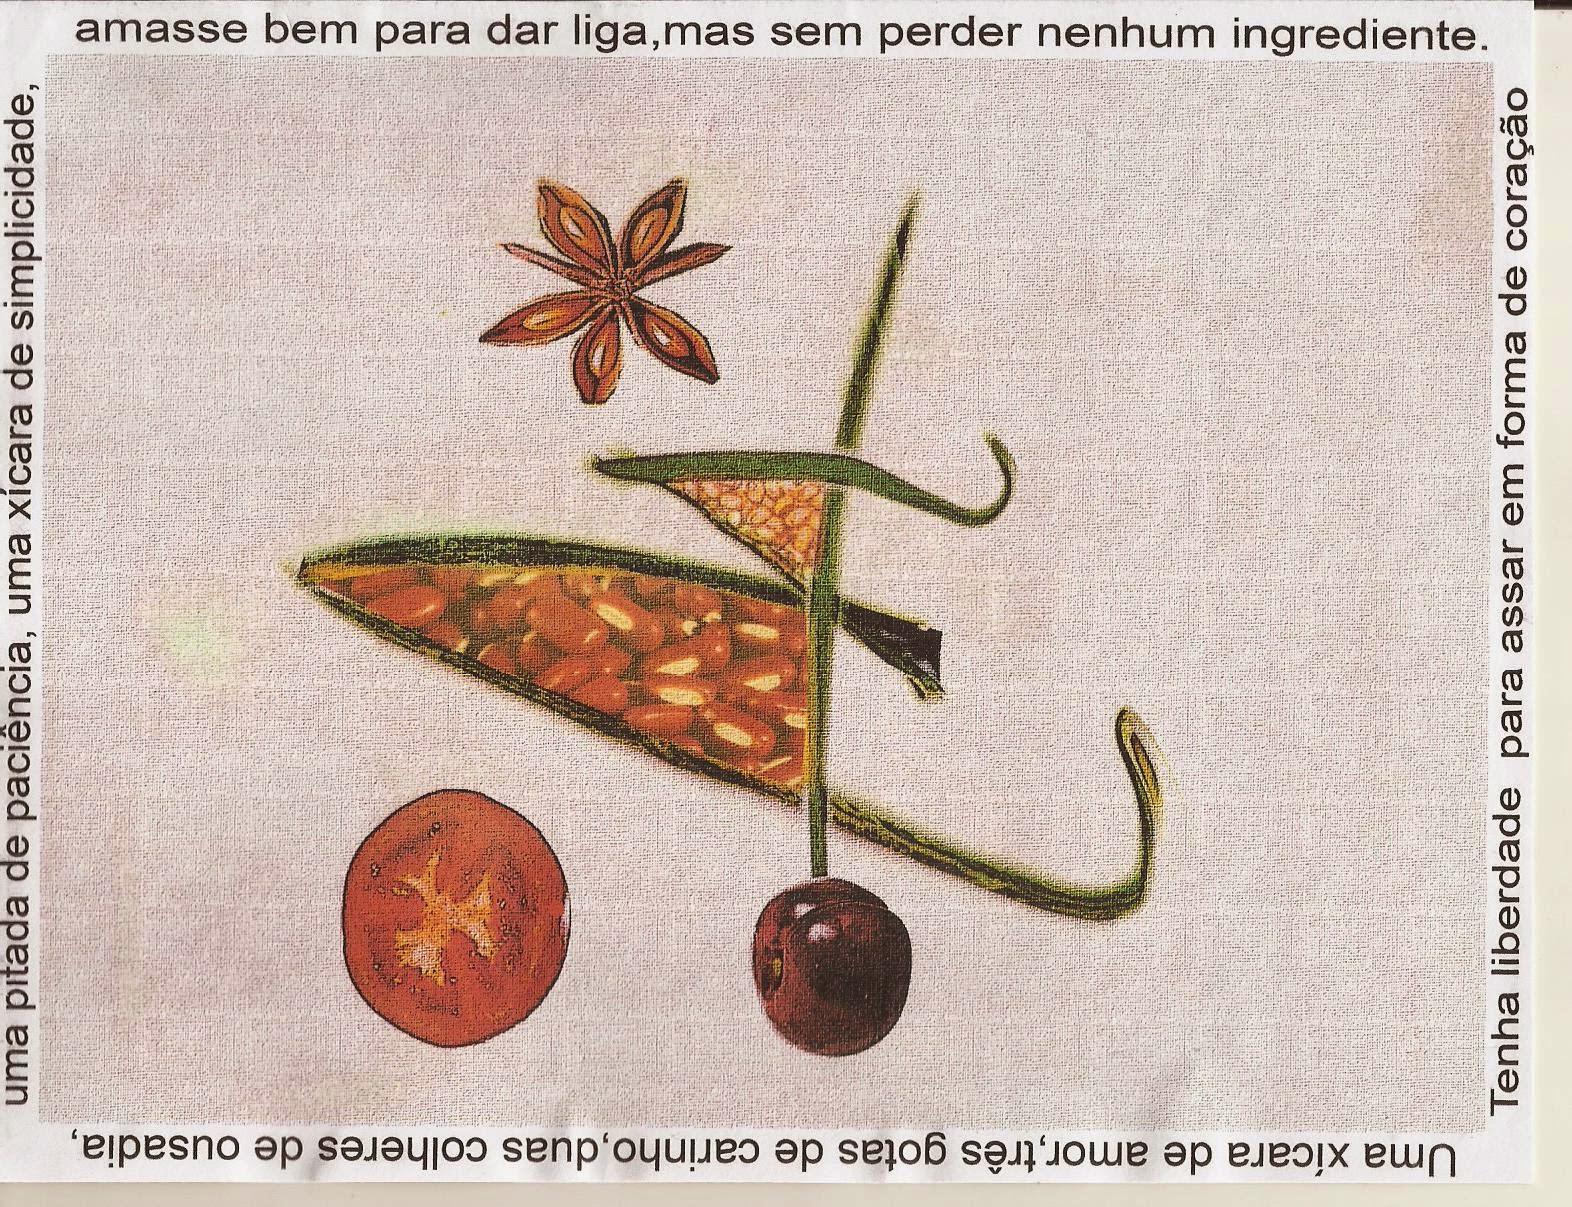 Carmen Fausta Jardim - Brasil